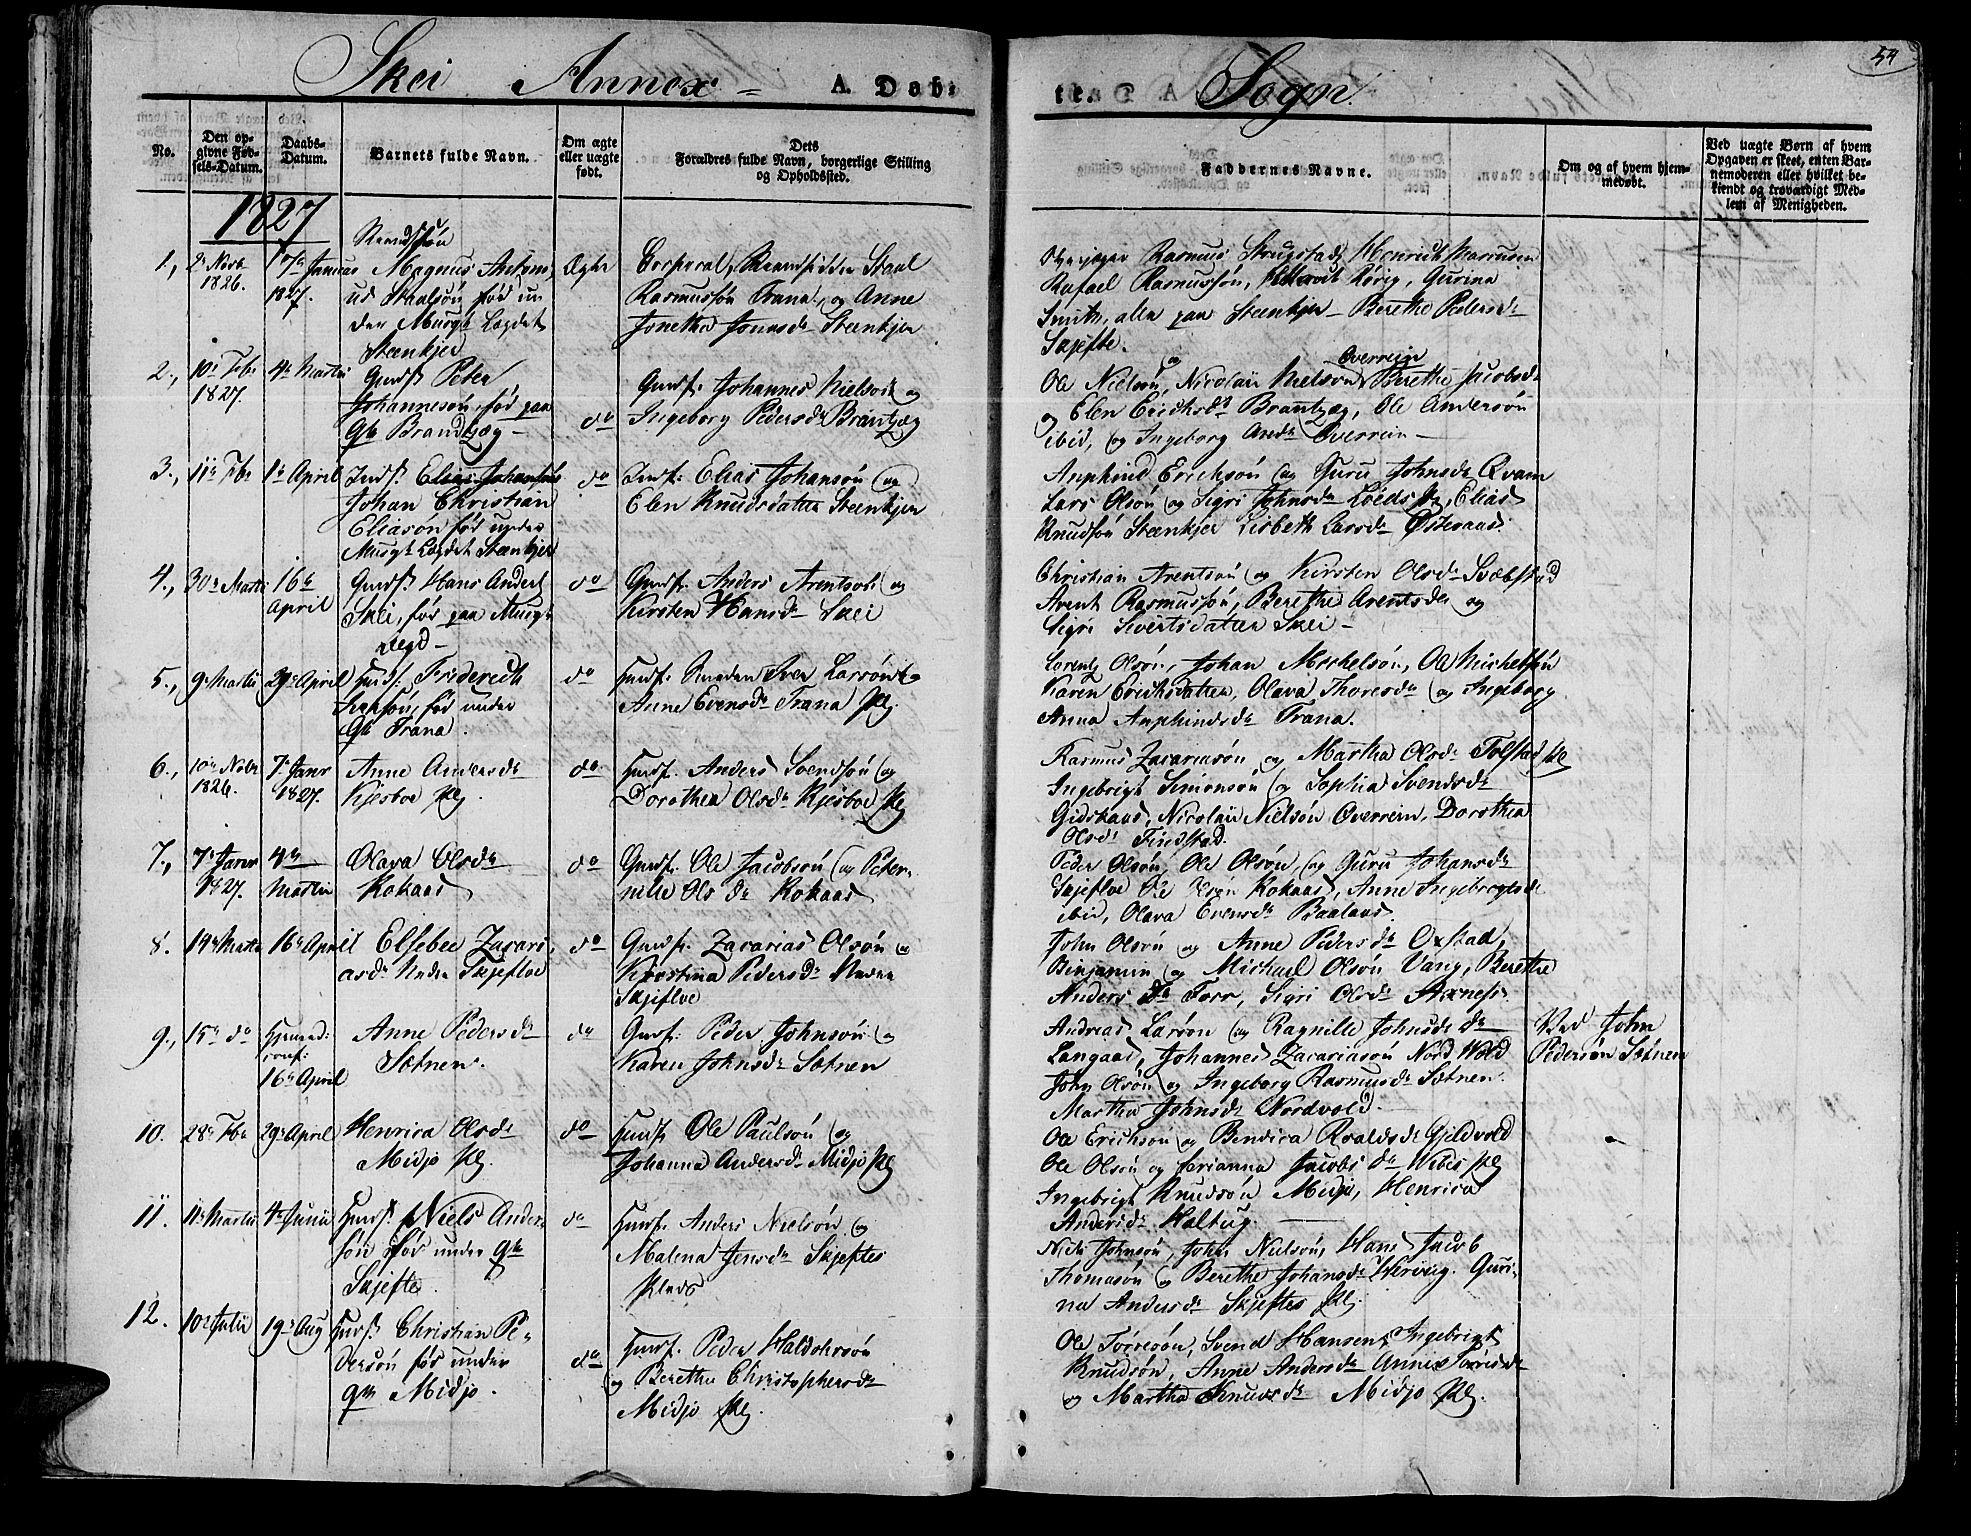 SAT, Ministerialprotokoller, klokkerbøker og fødselsregistre - Nord-Trøndelag, 735/L0336: Ministerialbok nr. 735A05 /2, 1825-1835, s. 54